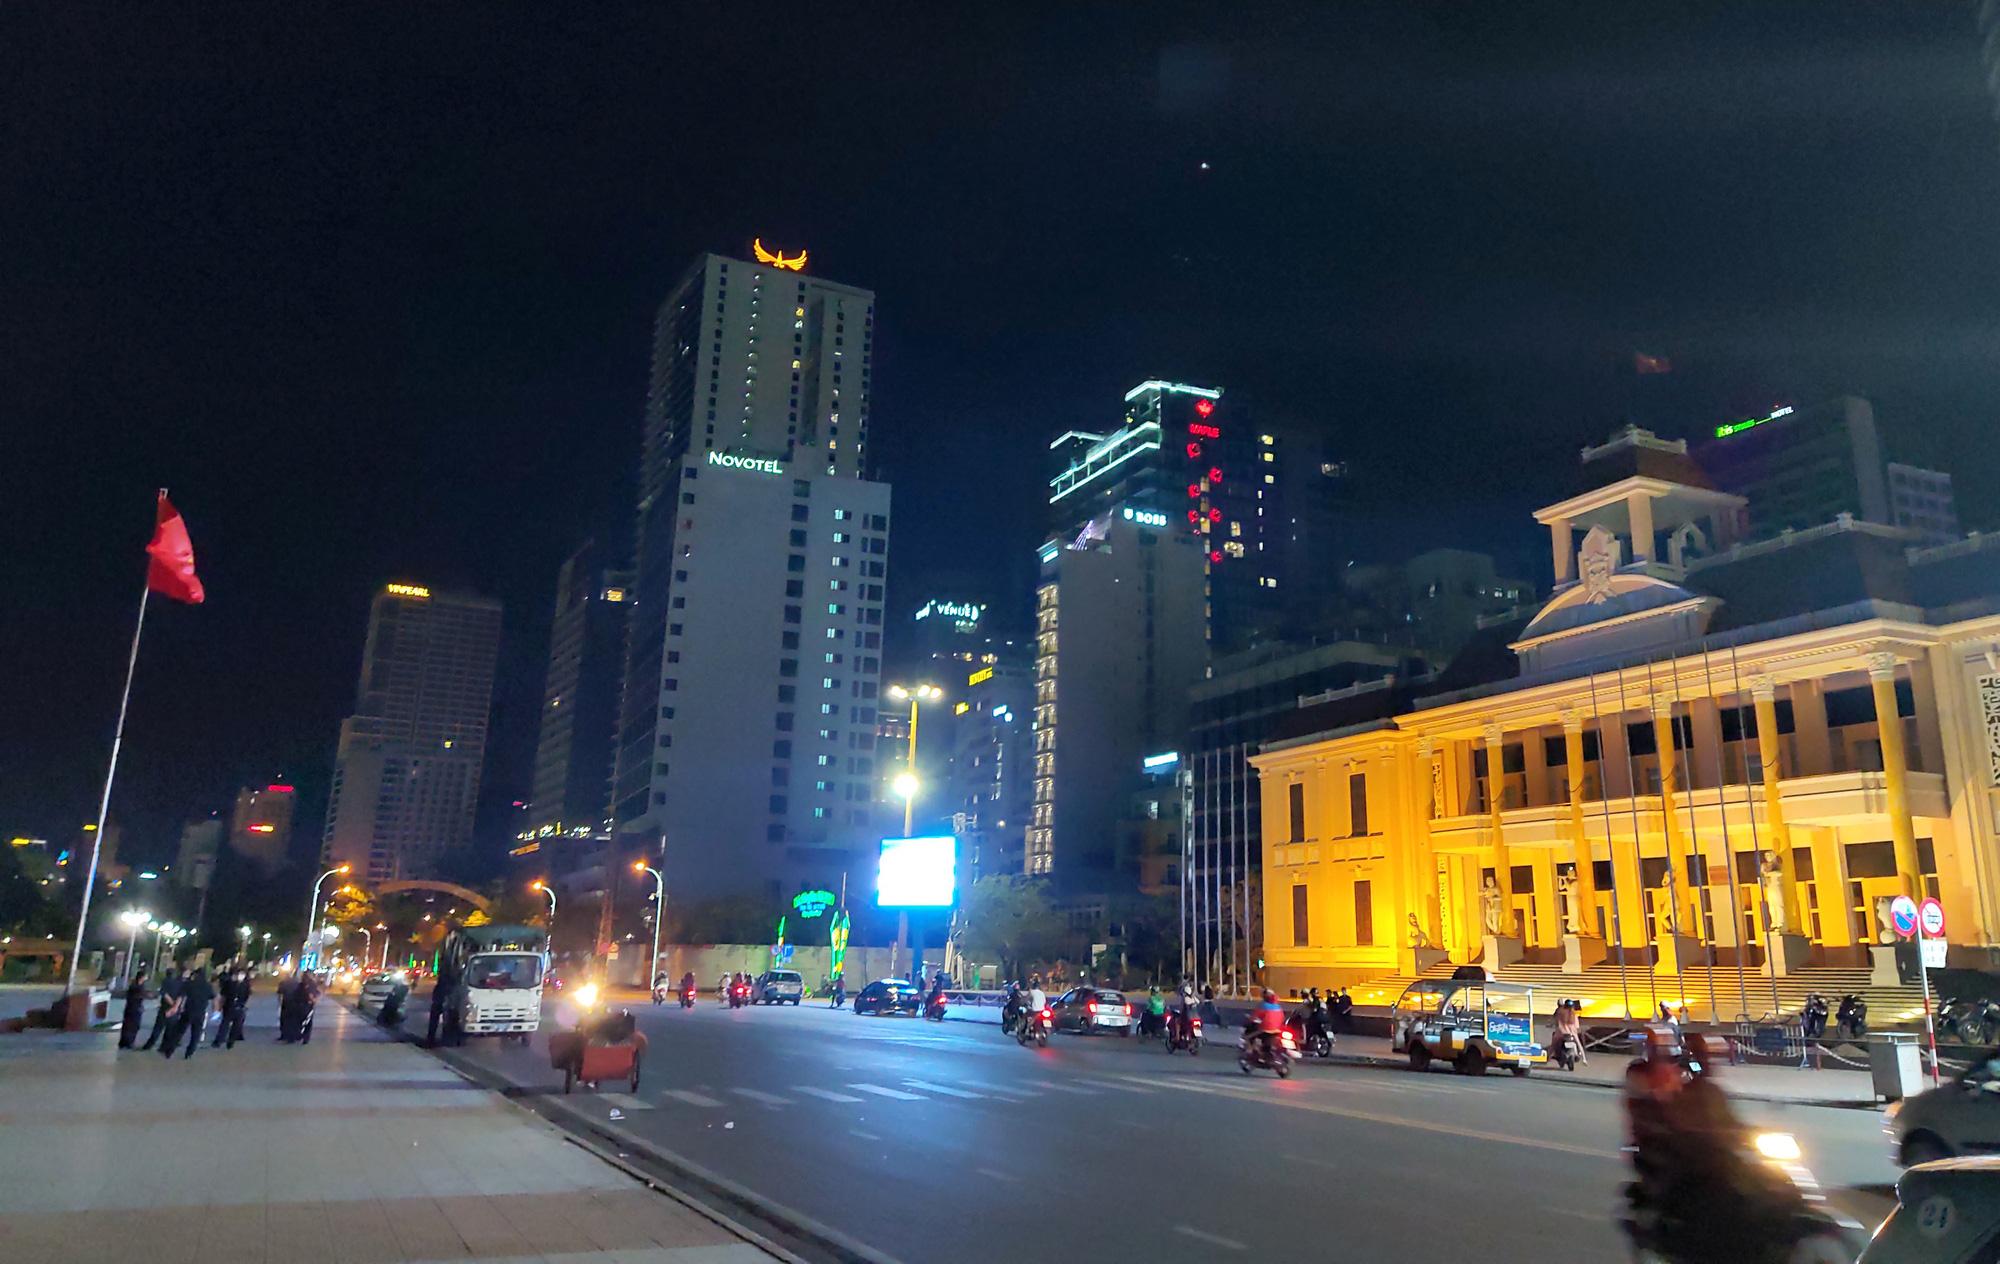 Khánh Hòa: Du lịch thiệt hại 5.400 tỉ đồng và hơn 17.000 lao động bị cắt giảm, mất việc - Ảnh 1.